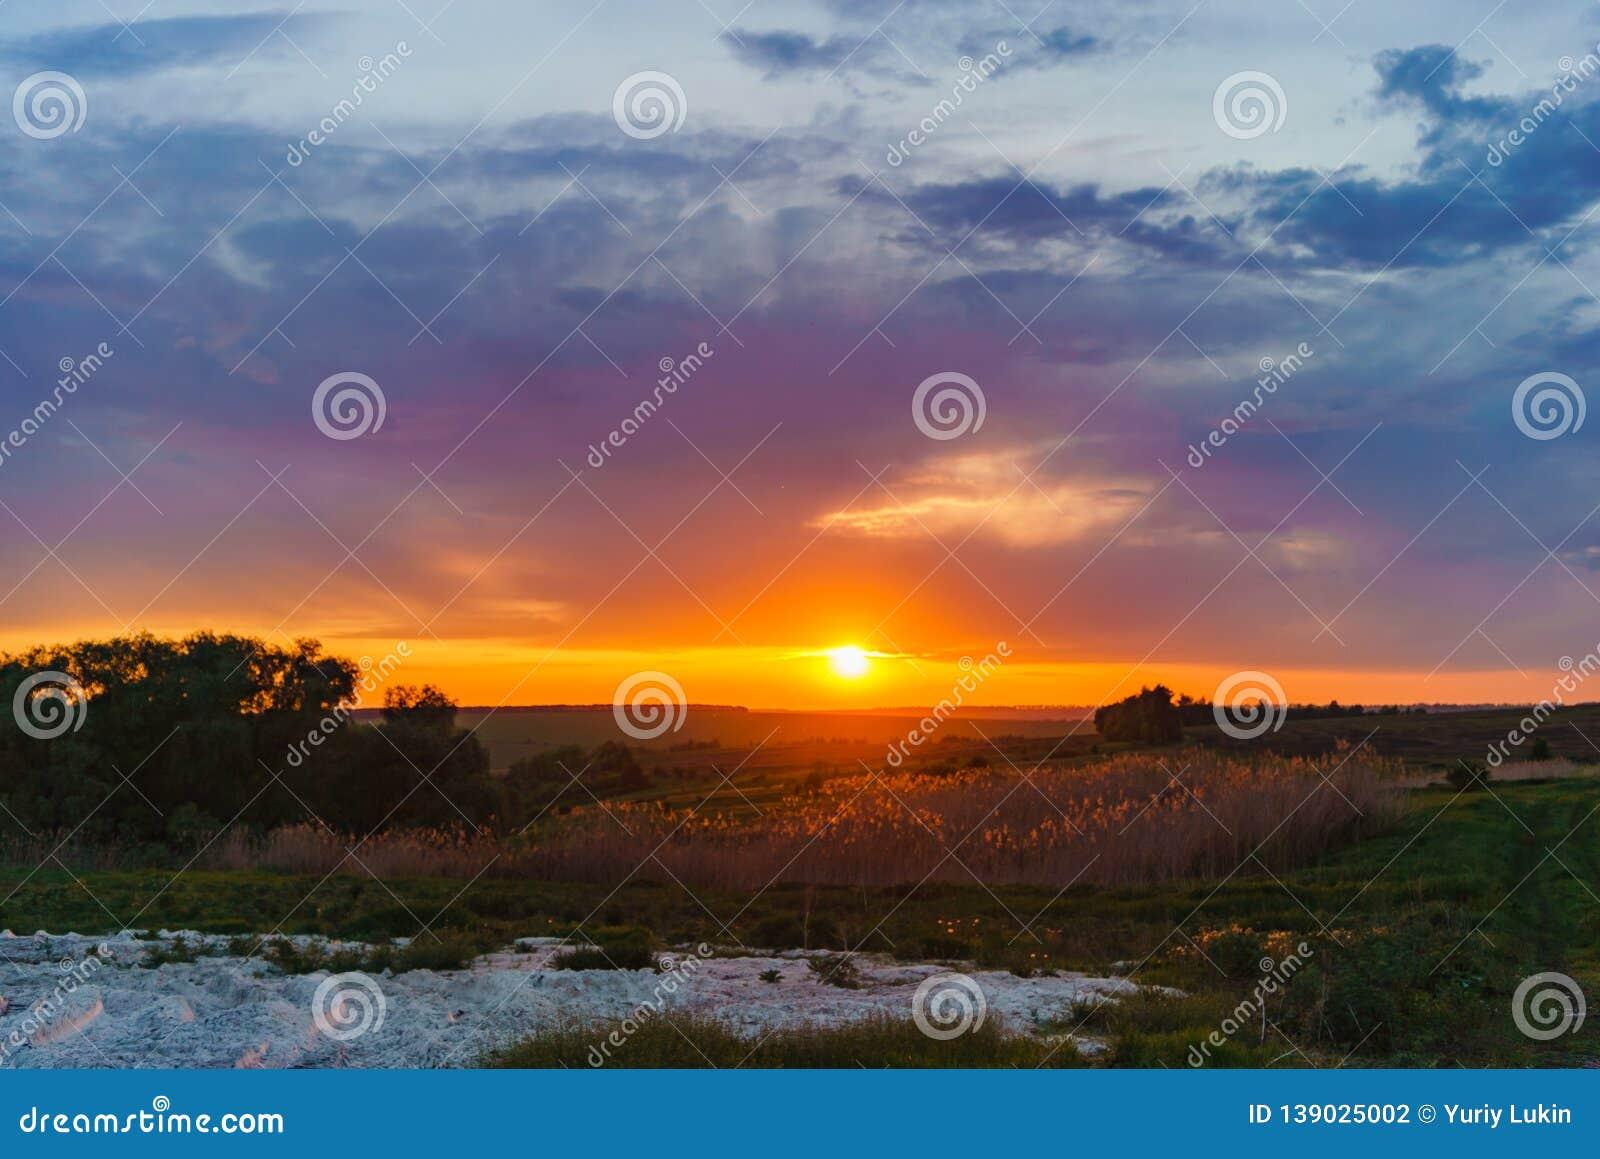 Avond oranje zonsondergang over Valday-meer, de fotografie van het de aardlandschap van Rusland De herfstzonsondergang, openlucht